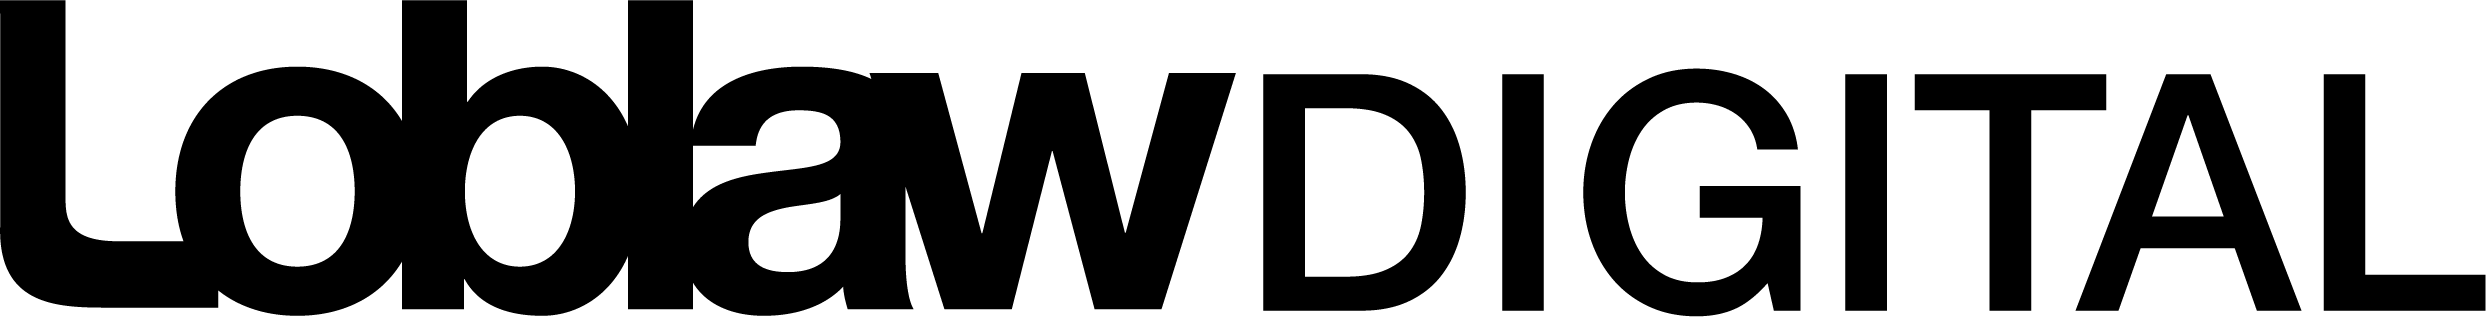 Logo Loblaw Digital